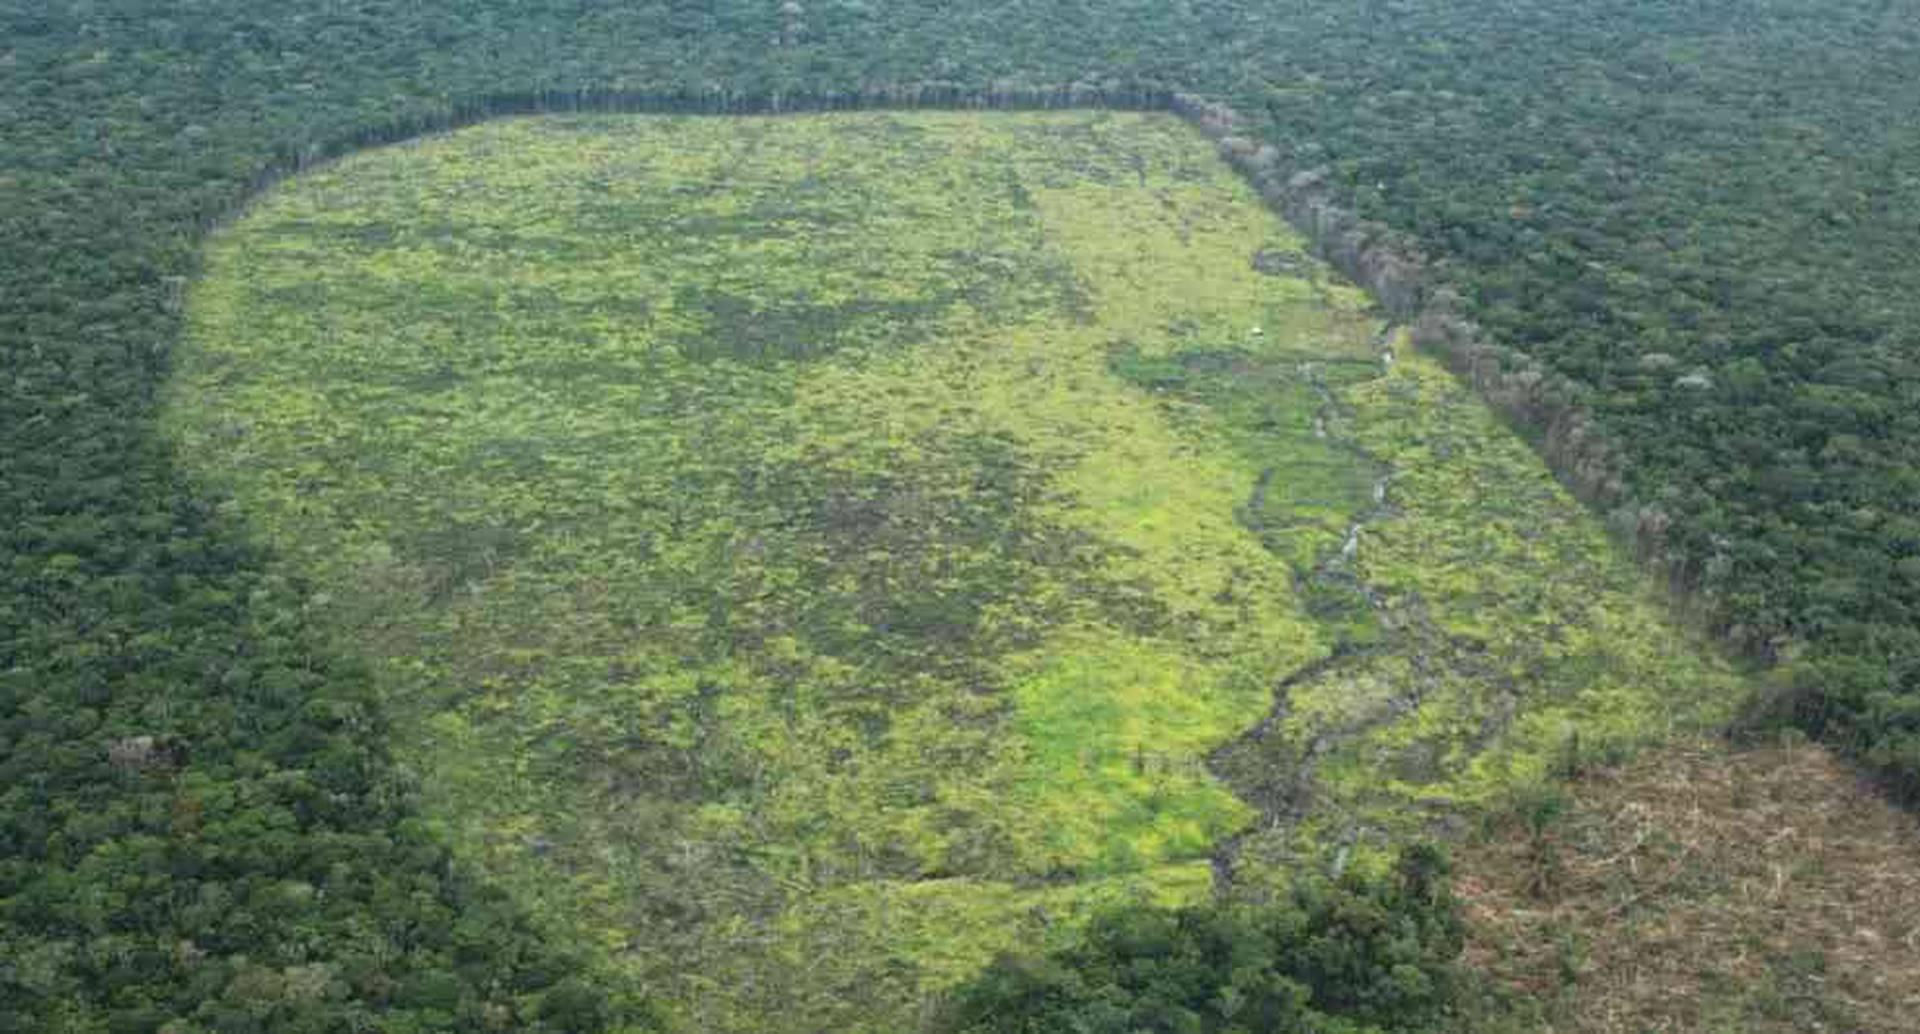 Uno de los departamentos más deforestados en el país es el Guaviare. Foto: FCDS